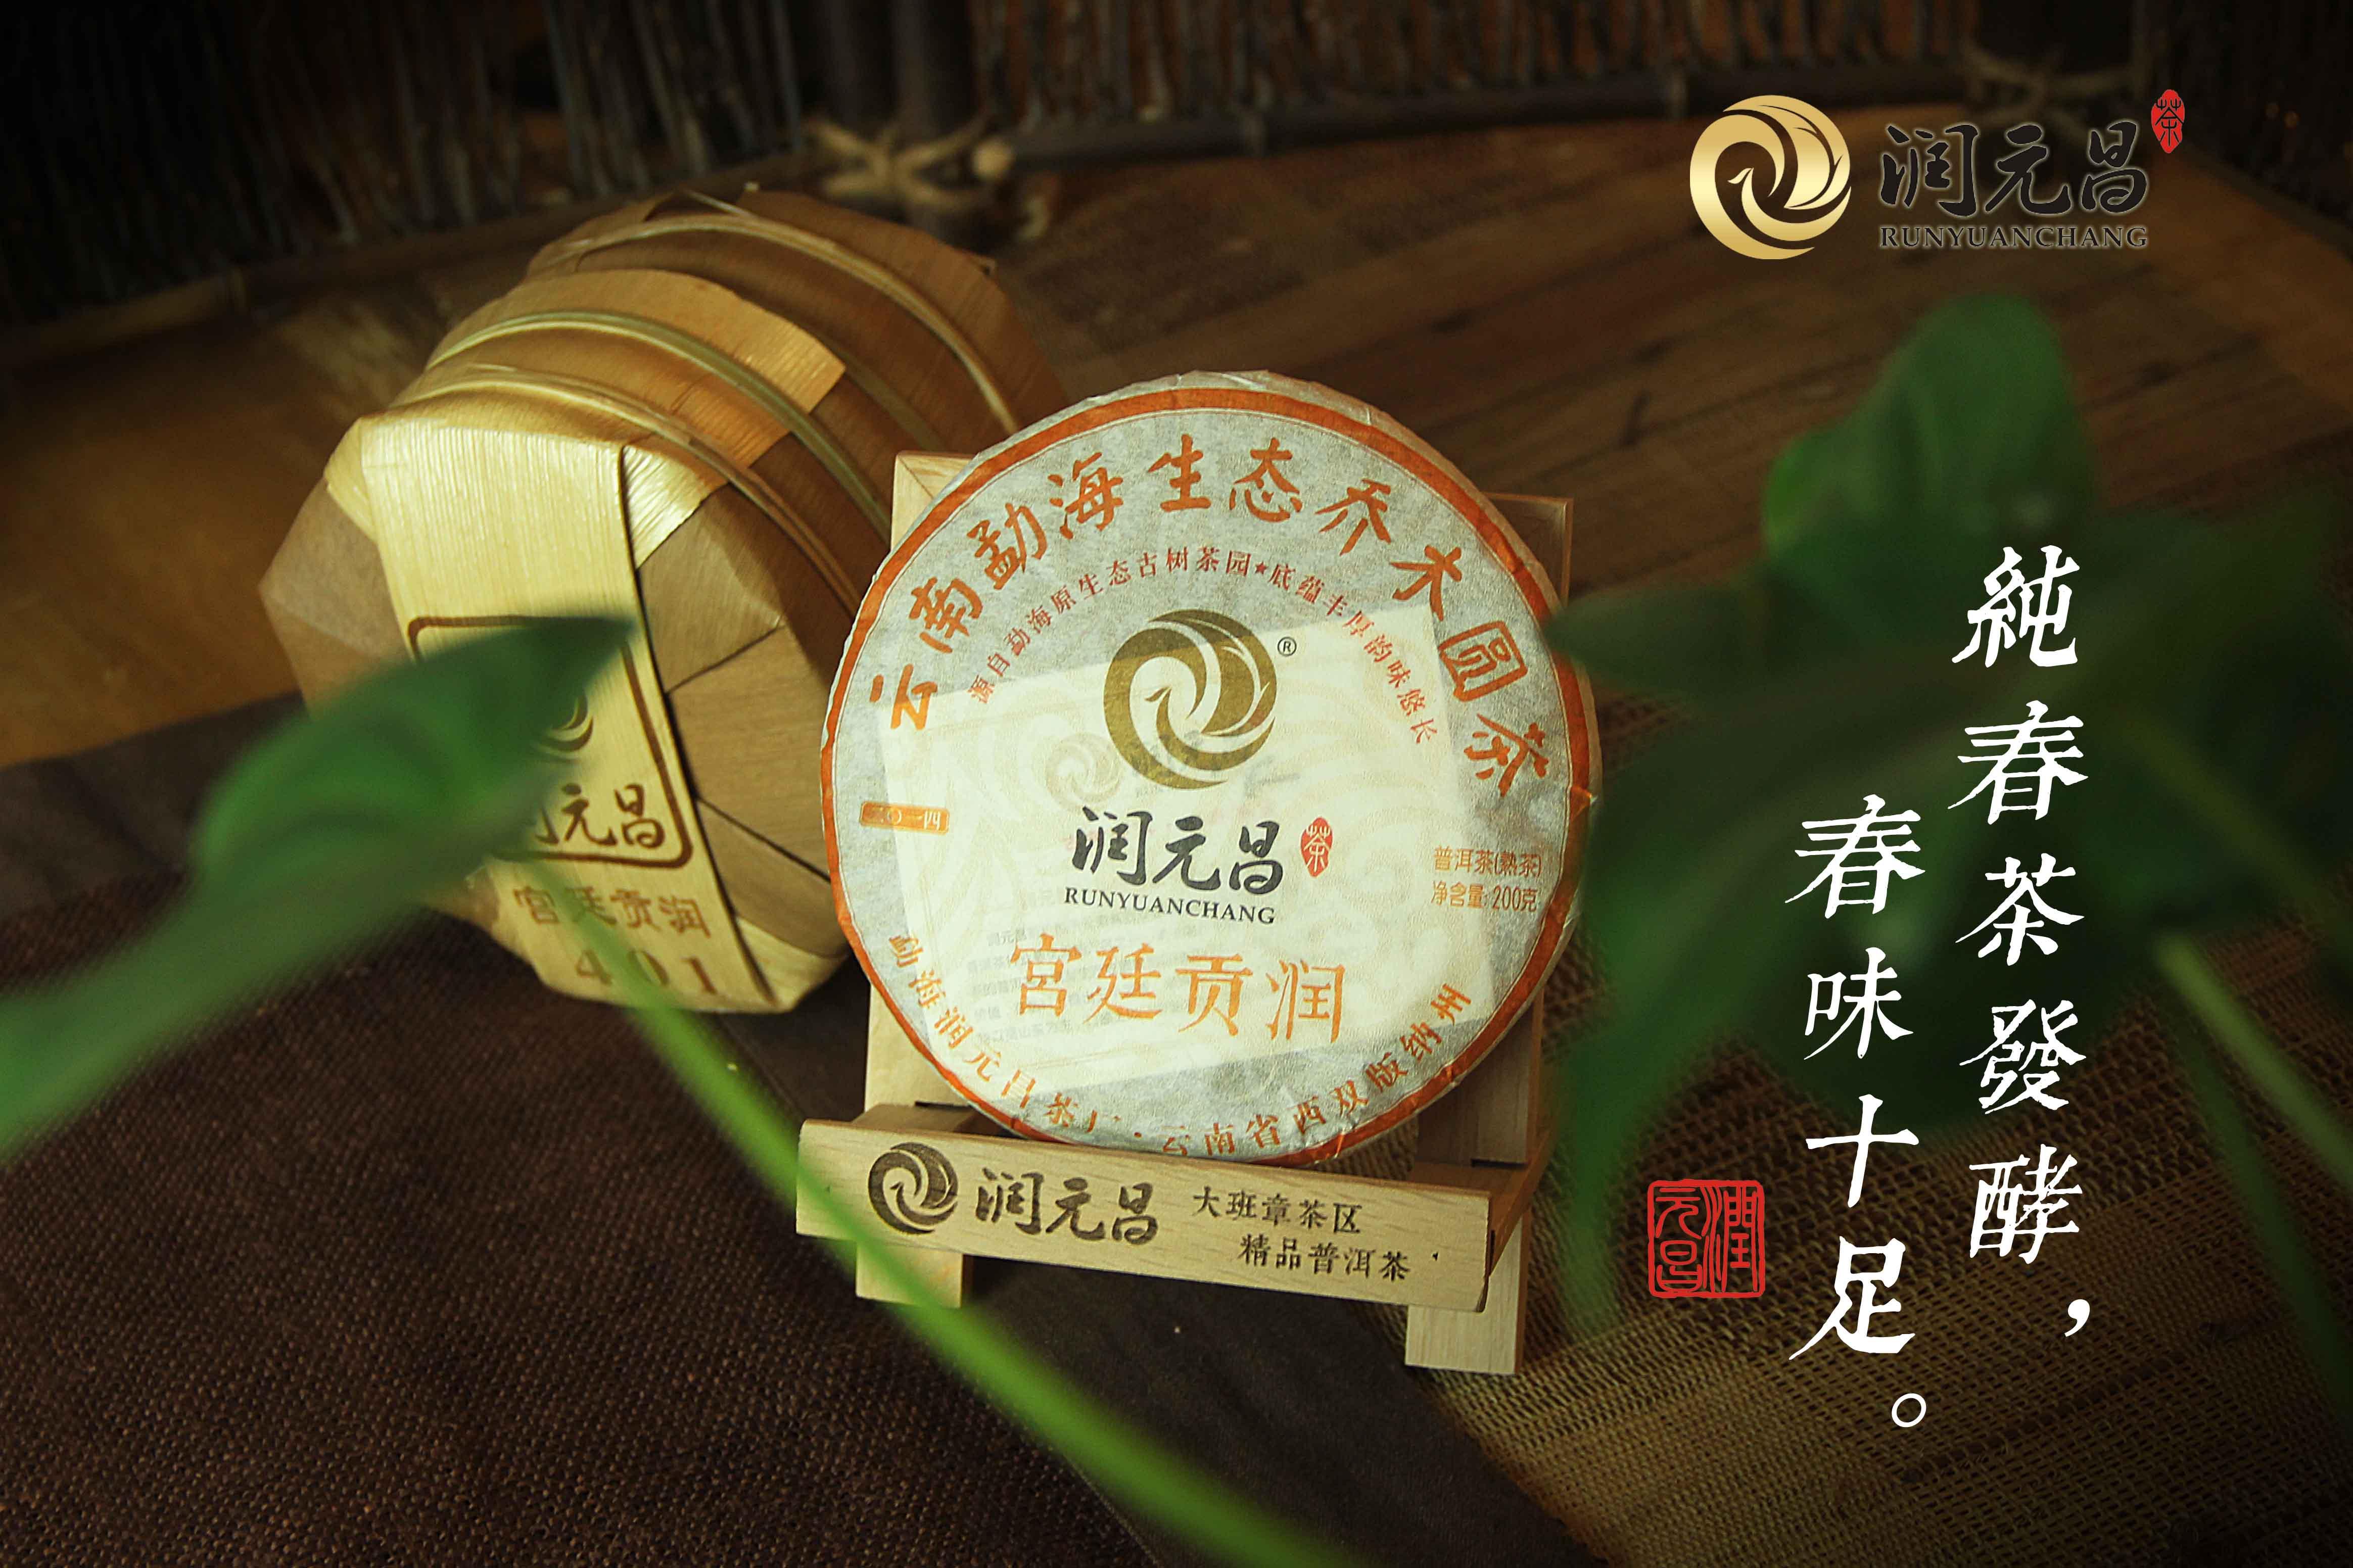 纯春茶发酵,春味十足